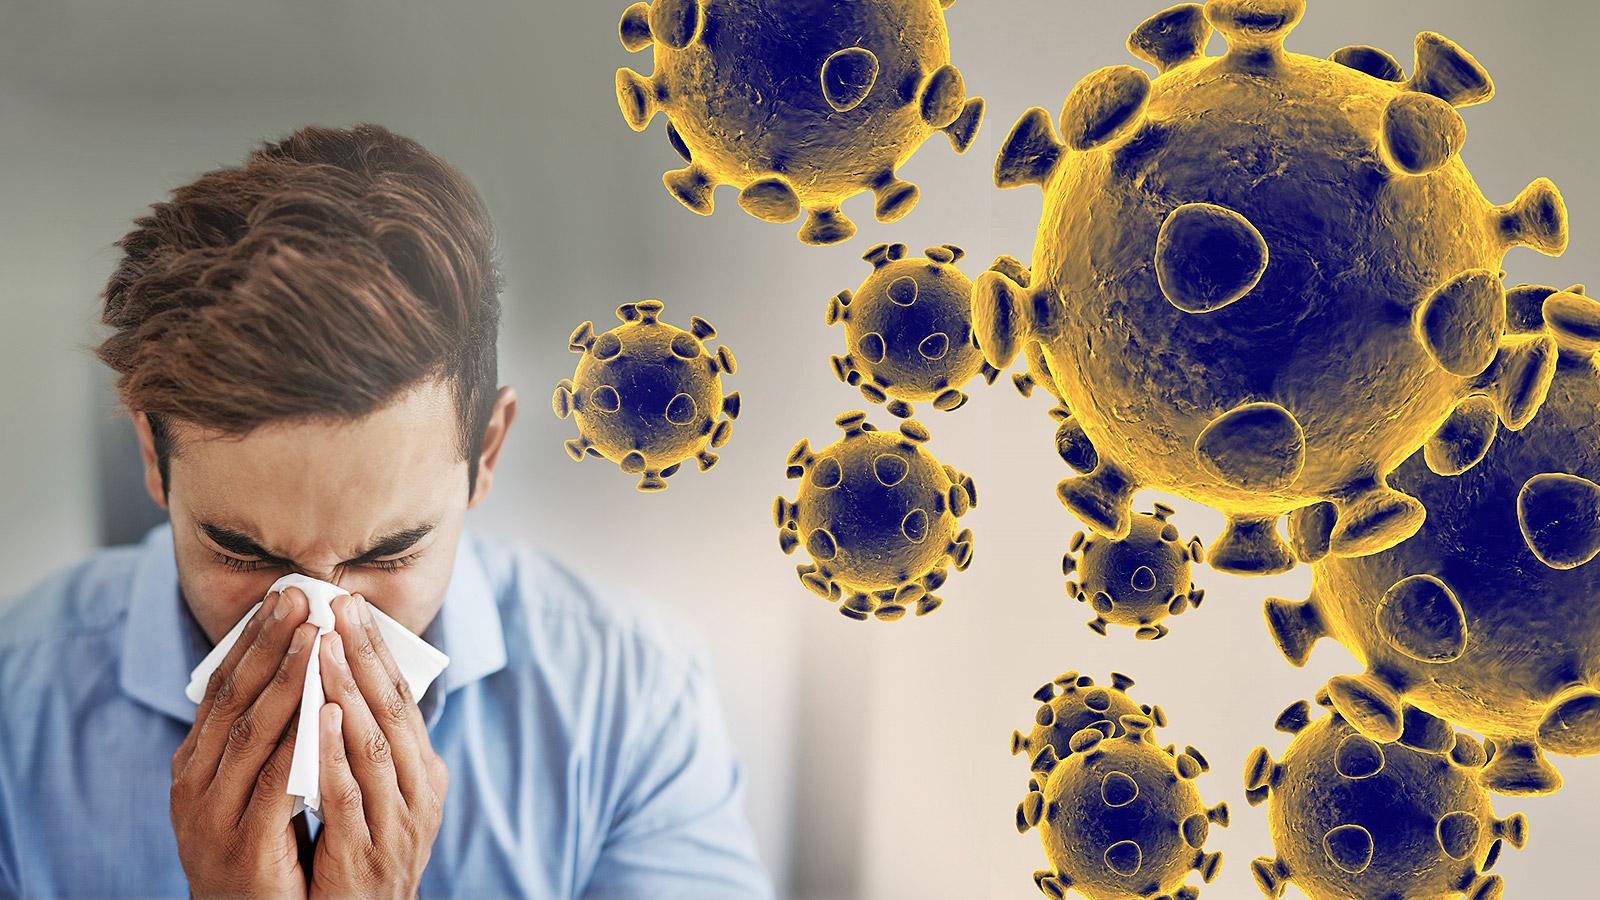 Atenci/ón a todos los visitantes En respuesta al reciente brote del Coronavirus